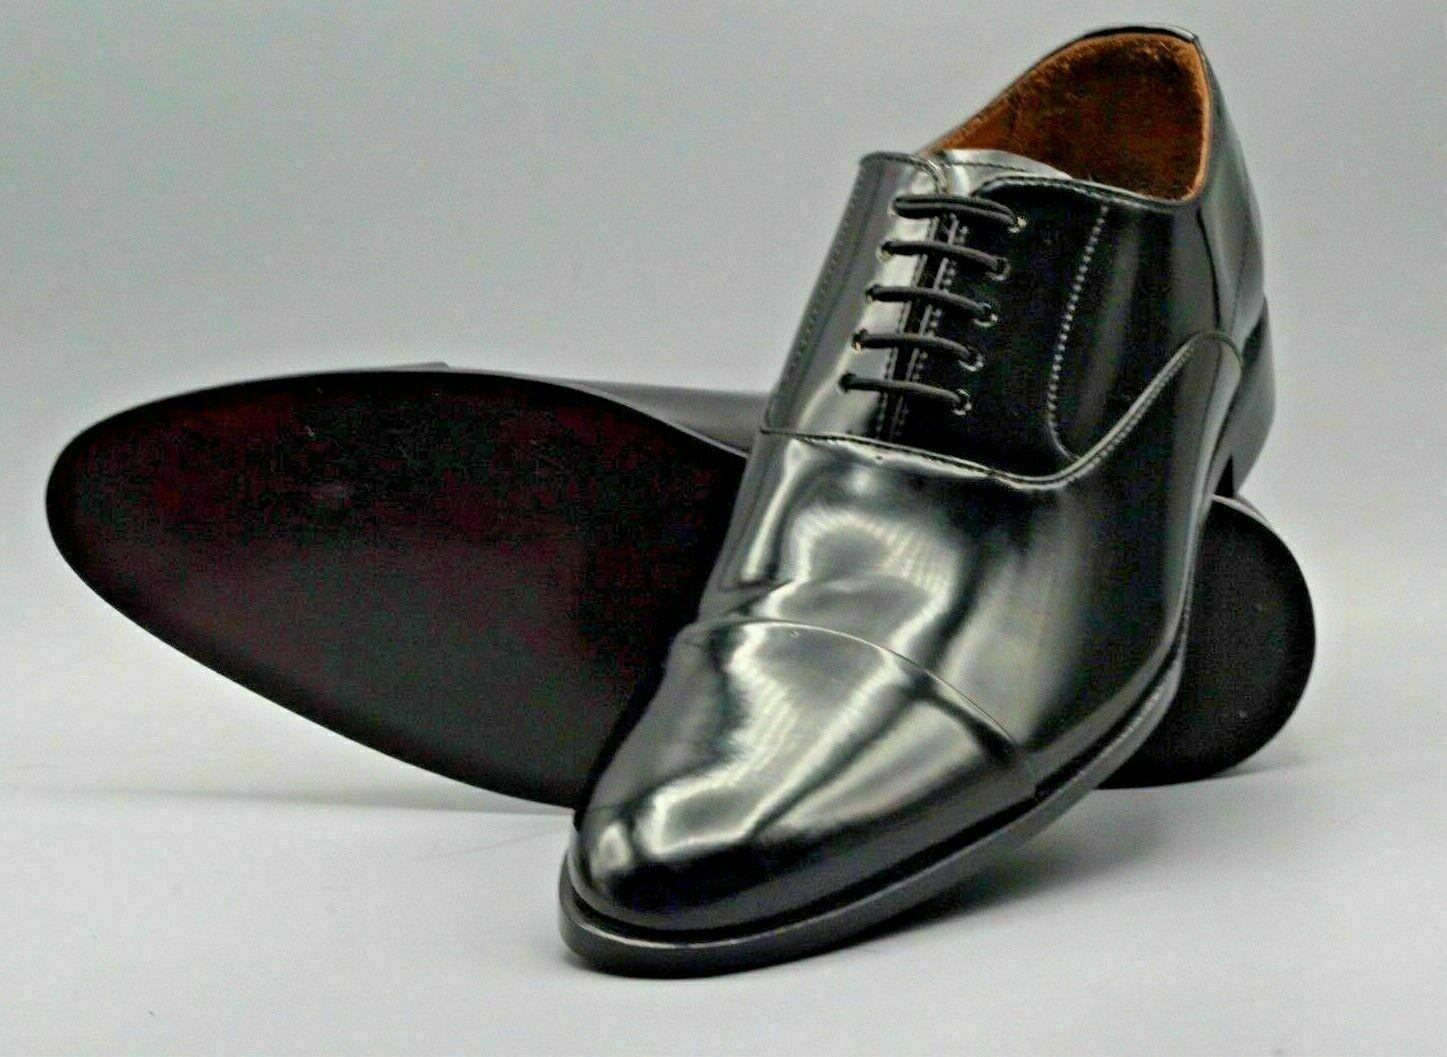 Homme Fait à la main Bottes Véritable Noir Cuir verni Lacer Formel Bout Mariage Chaussures